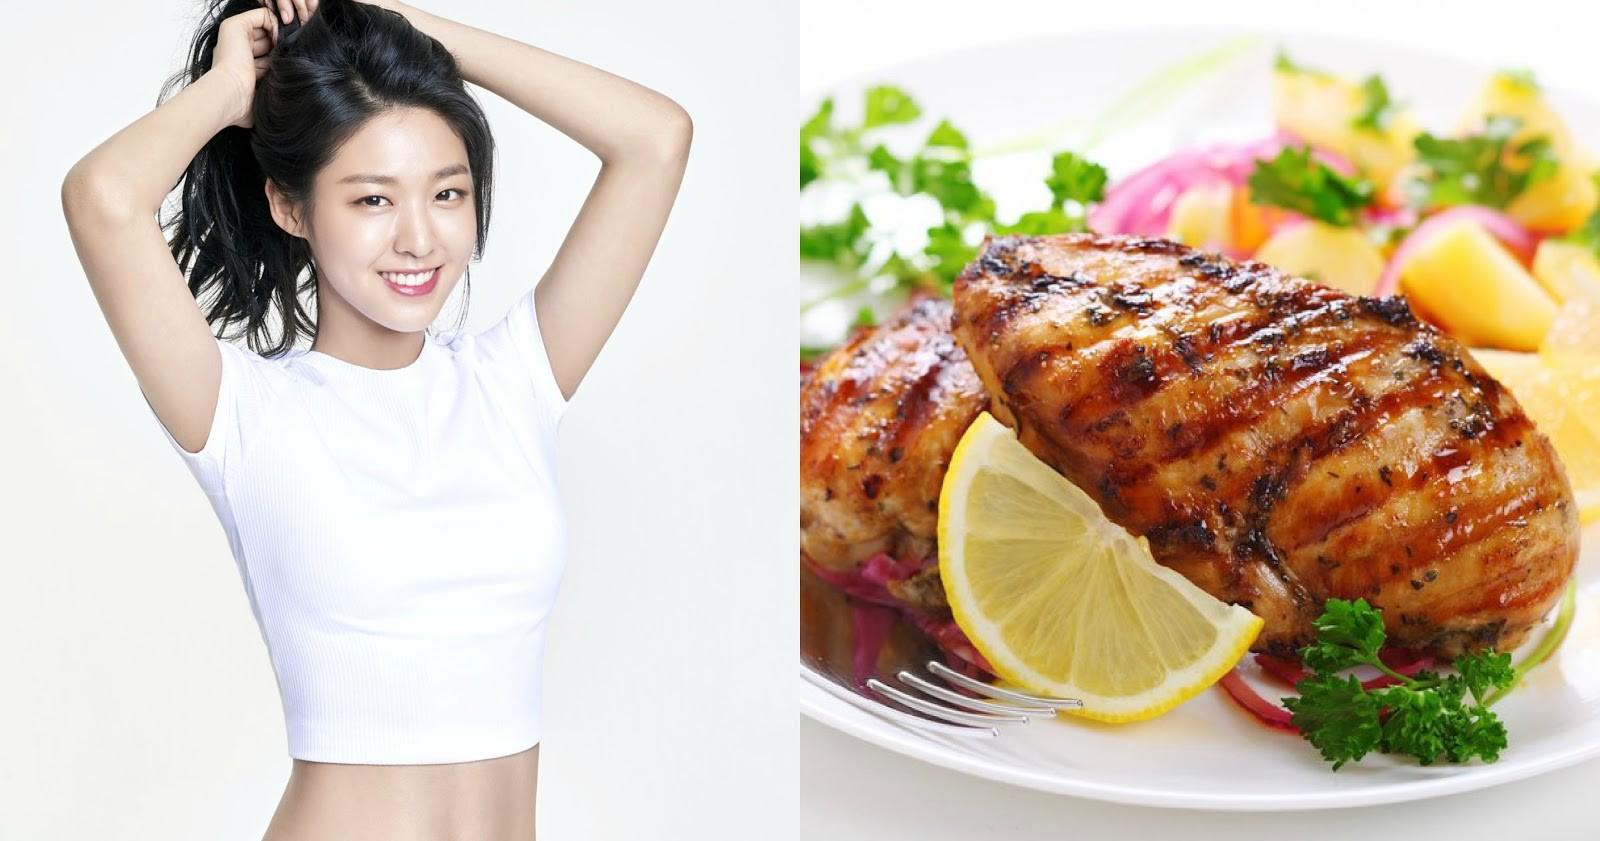 Đây là những loại thực phẩm được các sao Hàn tin tưởng để giữ dáng, làm đẹp da - Ảnh 5.